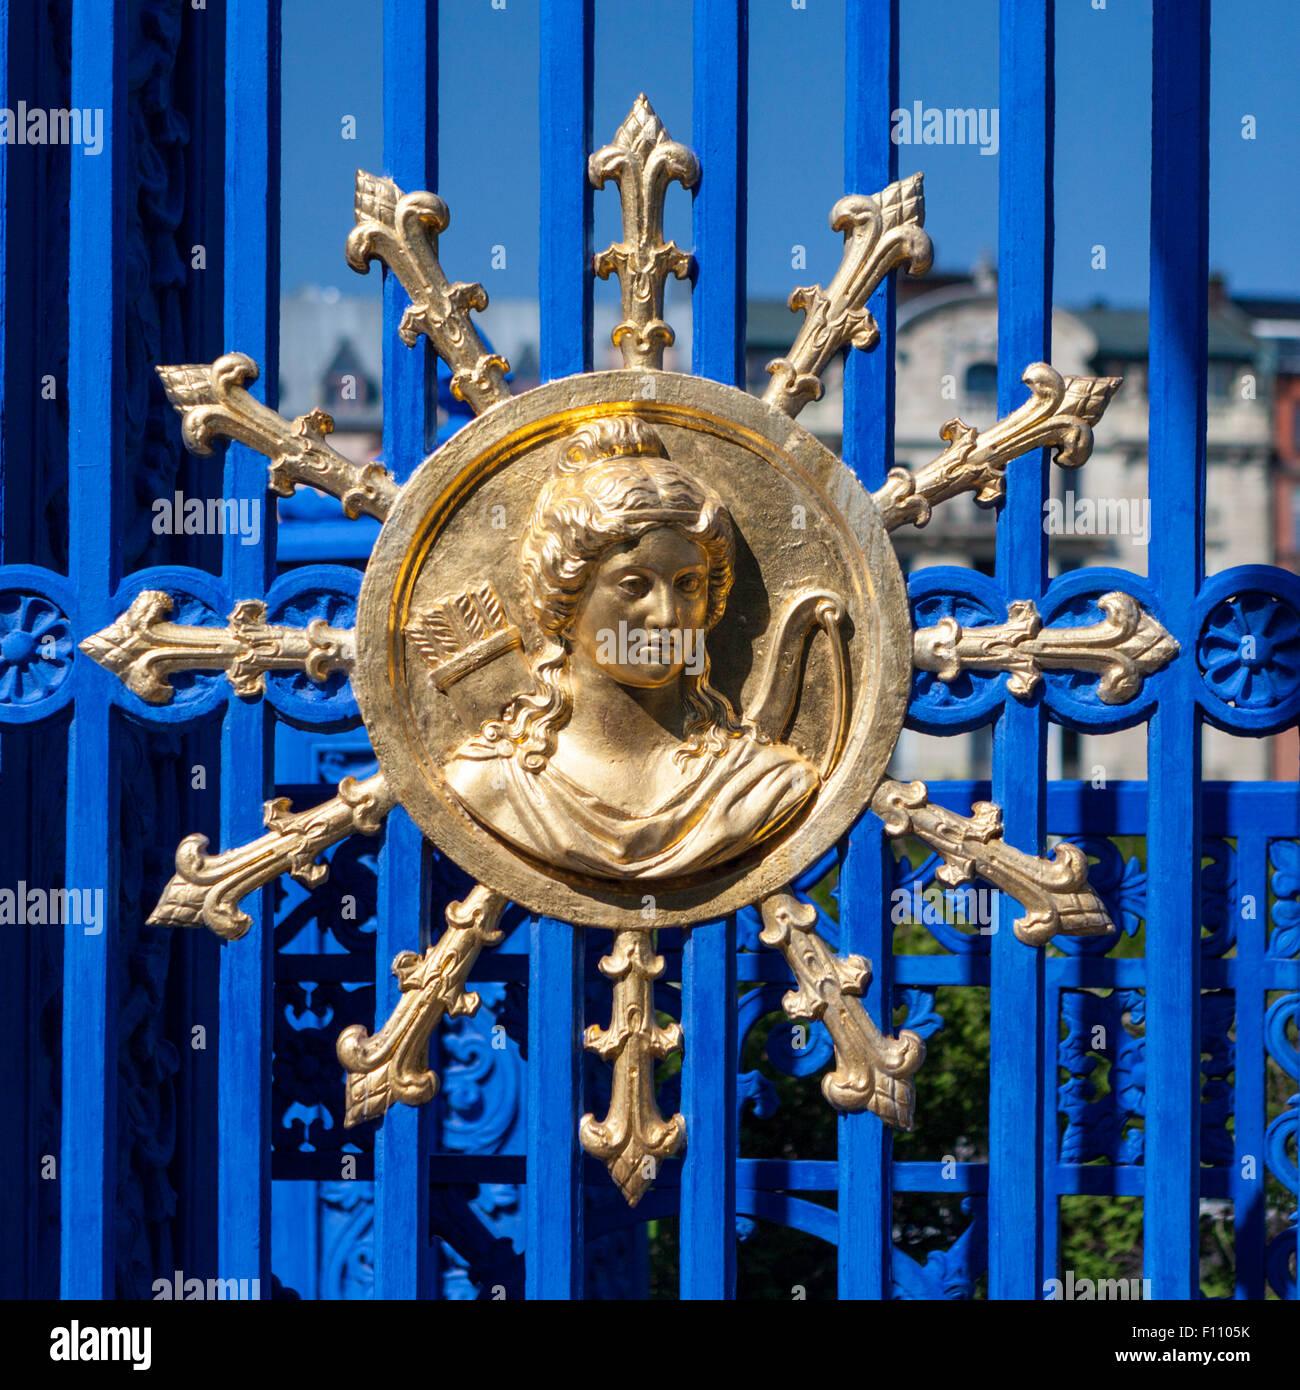 Medaglione dorato sul cancello per Lusthusporten mansion nel Djurgarden, Stoccolma, Svezia Immagini Stock